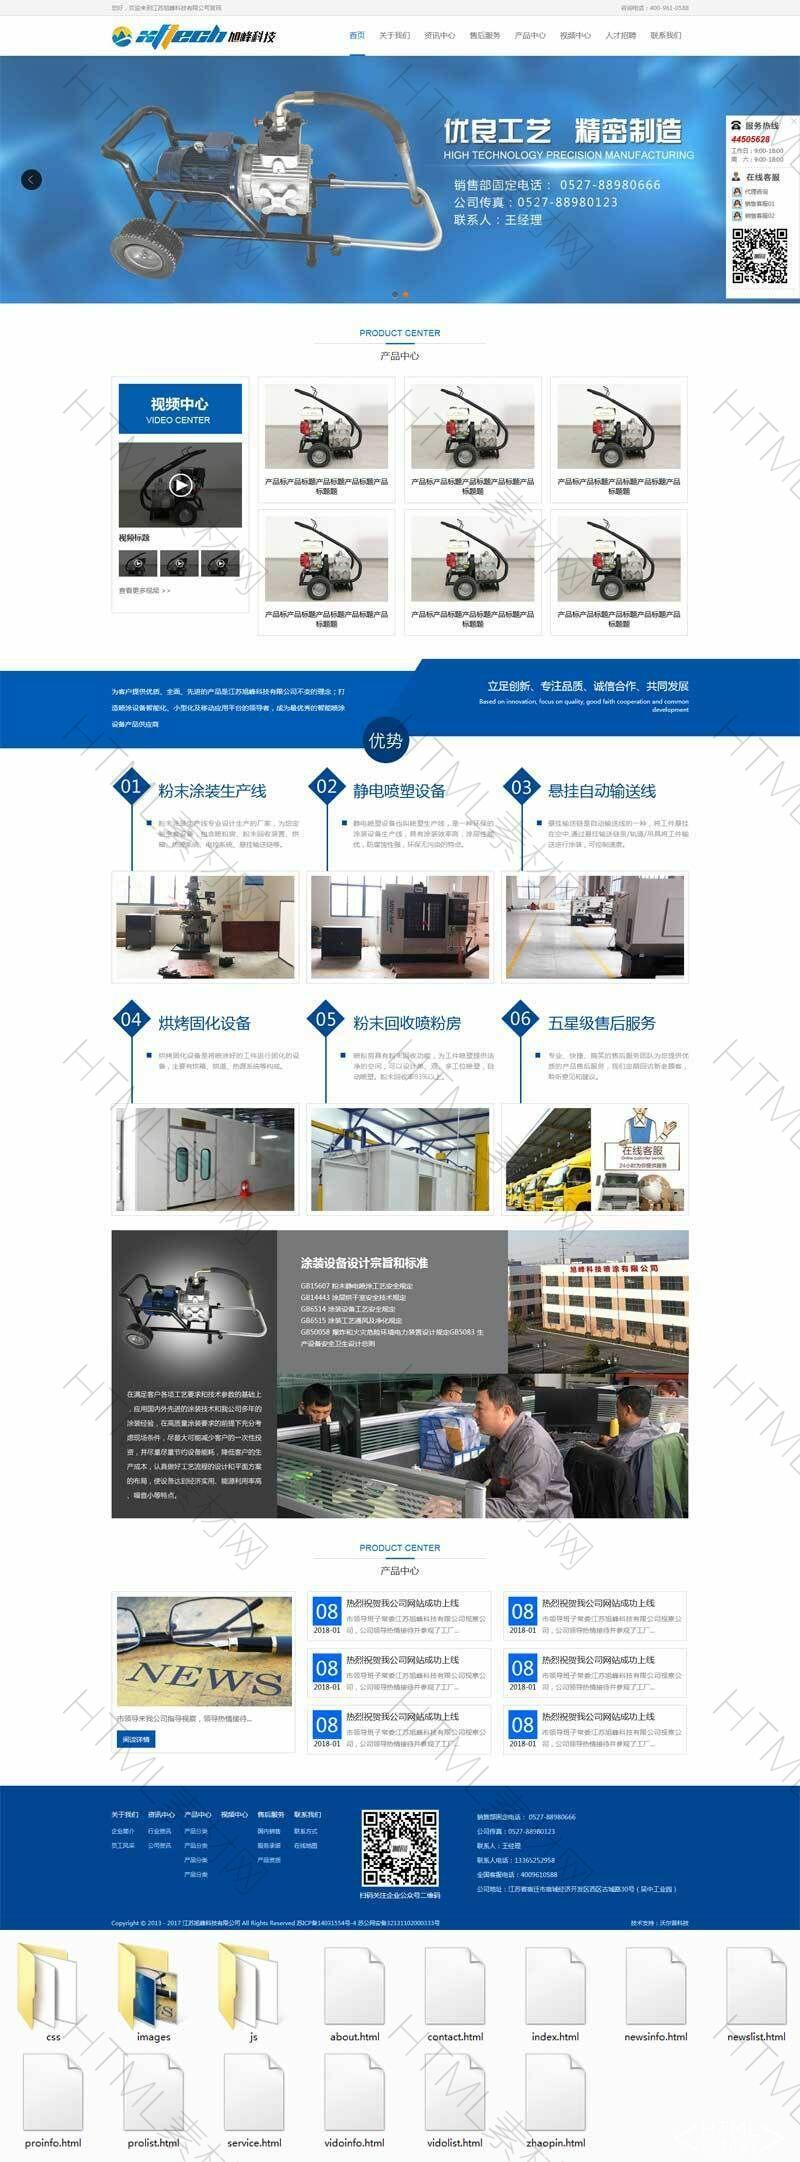 蓝色的机械设备制造科技公司网站模板.jpg